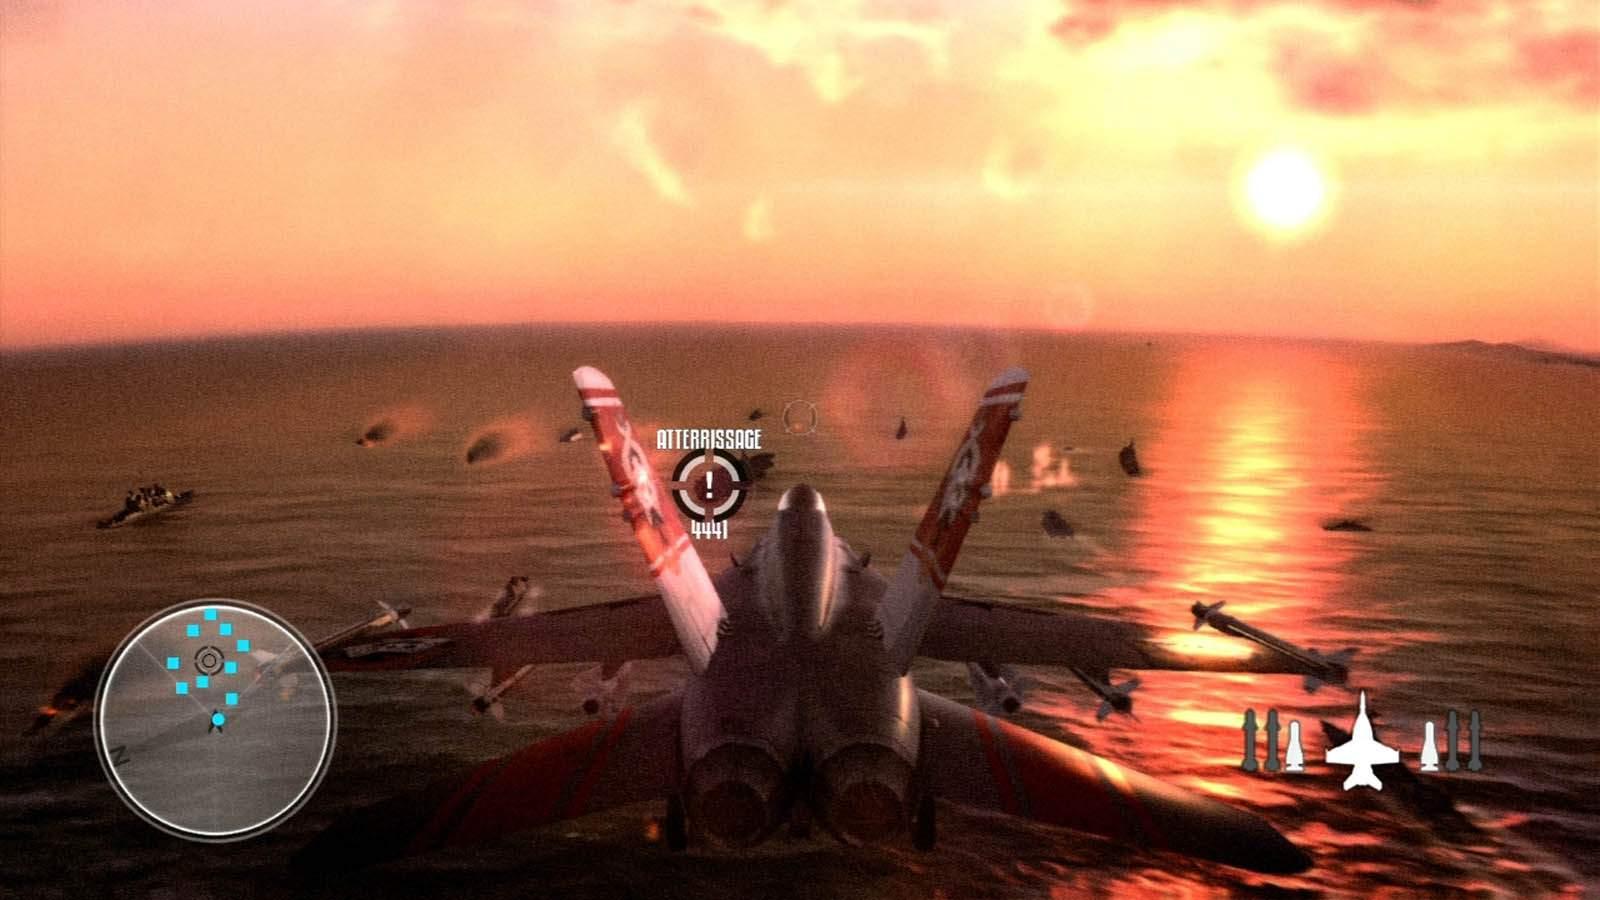 تحميل لعبة Top Gun Hard Lock مضغوطة كاملة بروابط مباشرة مجانا